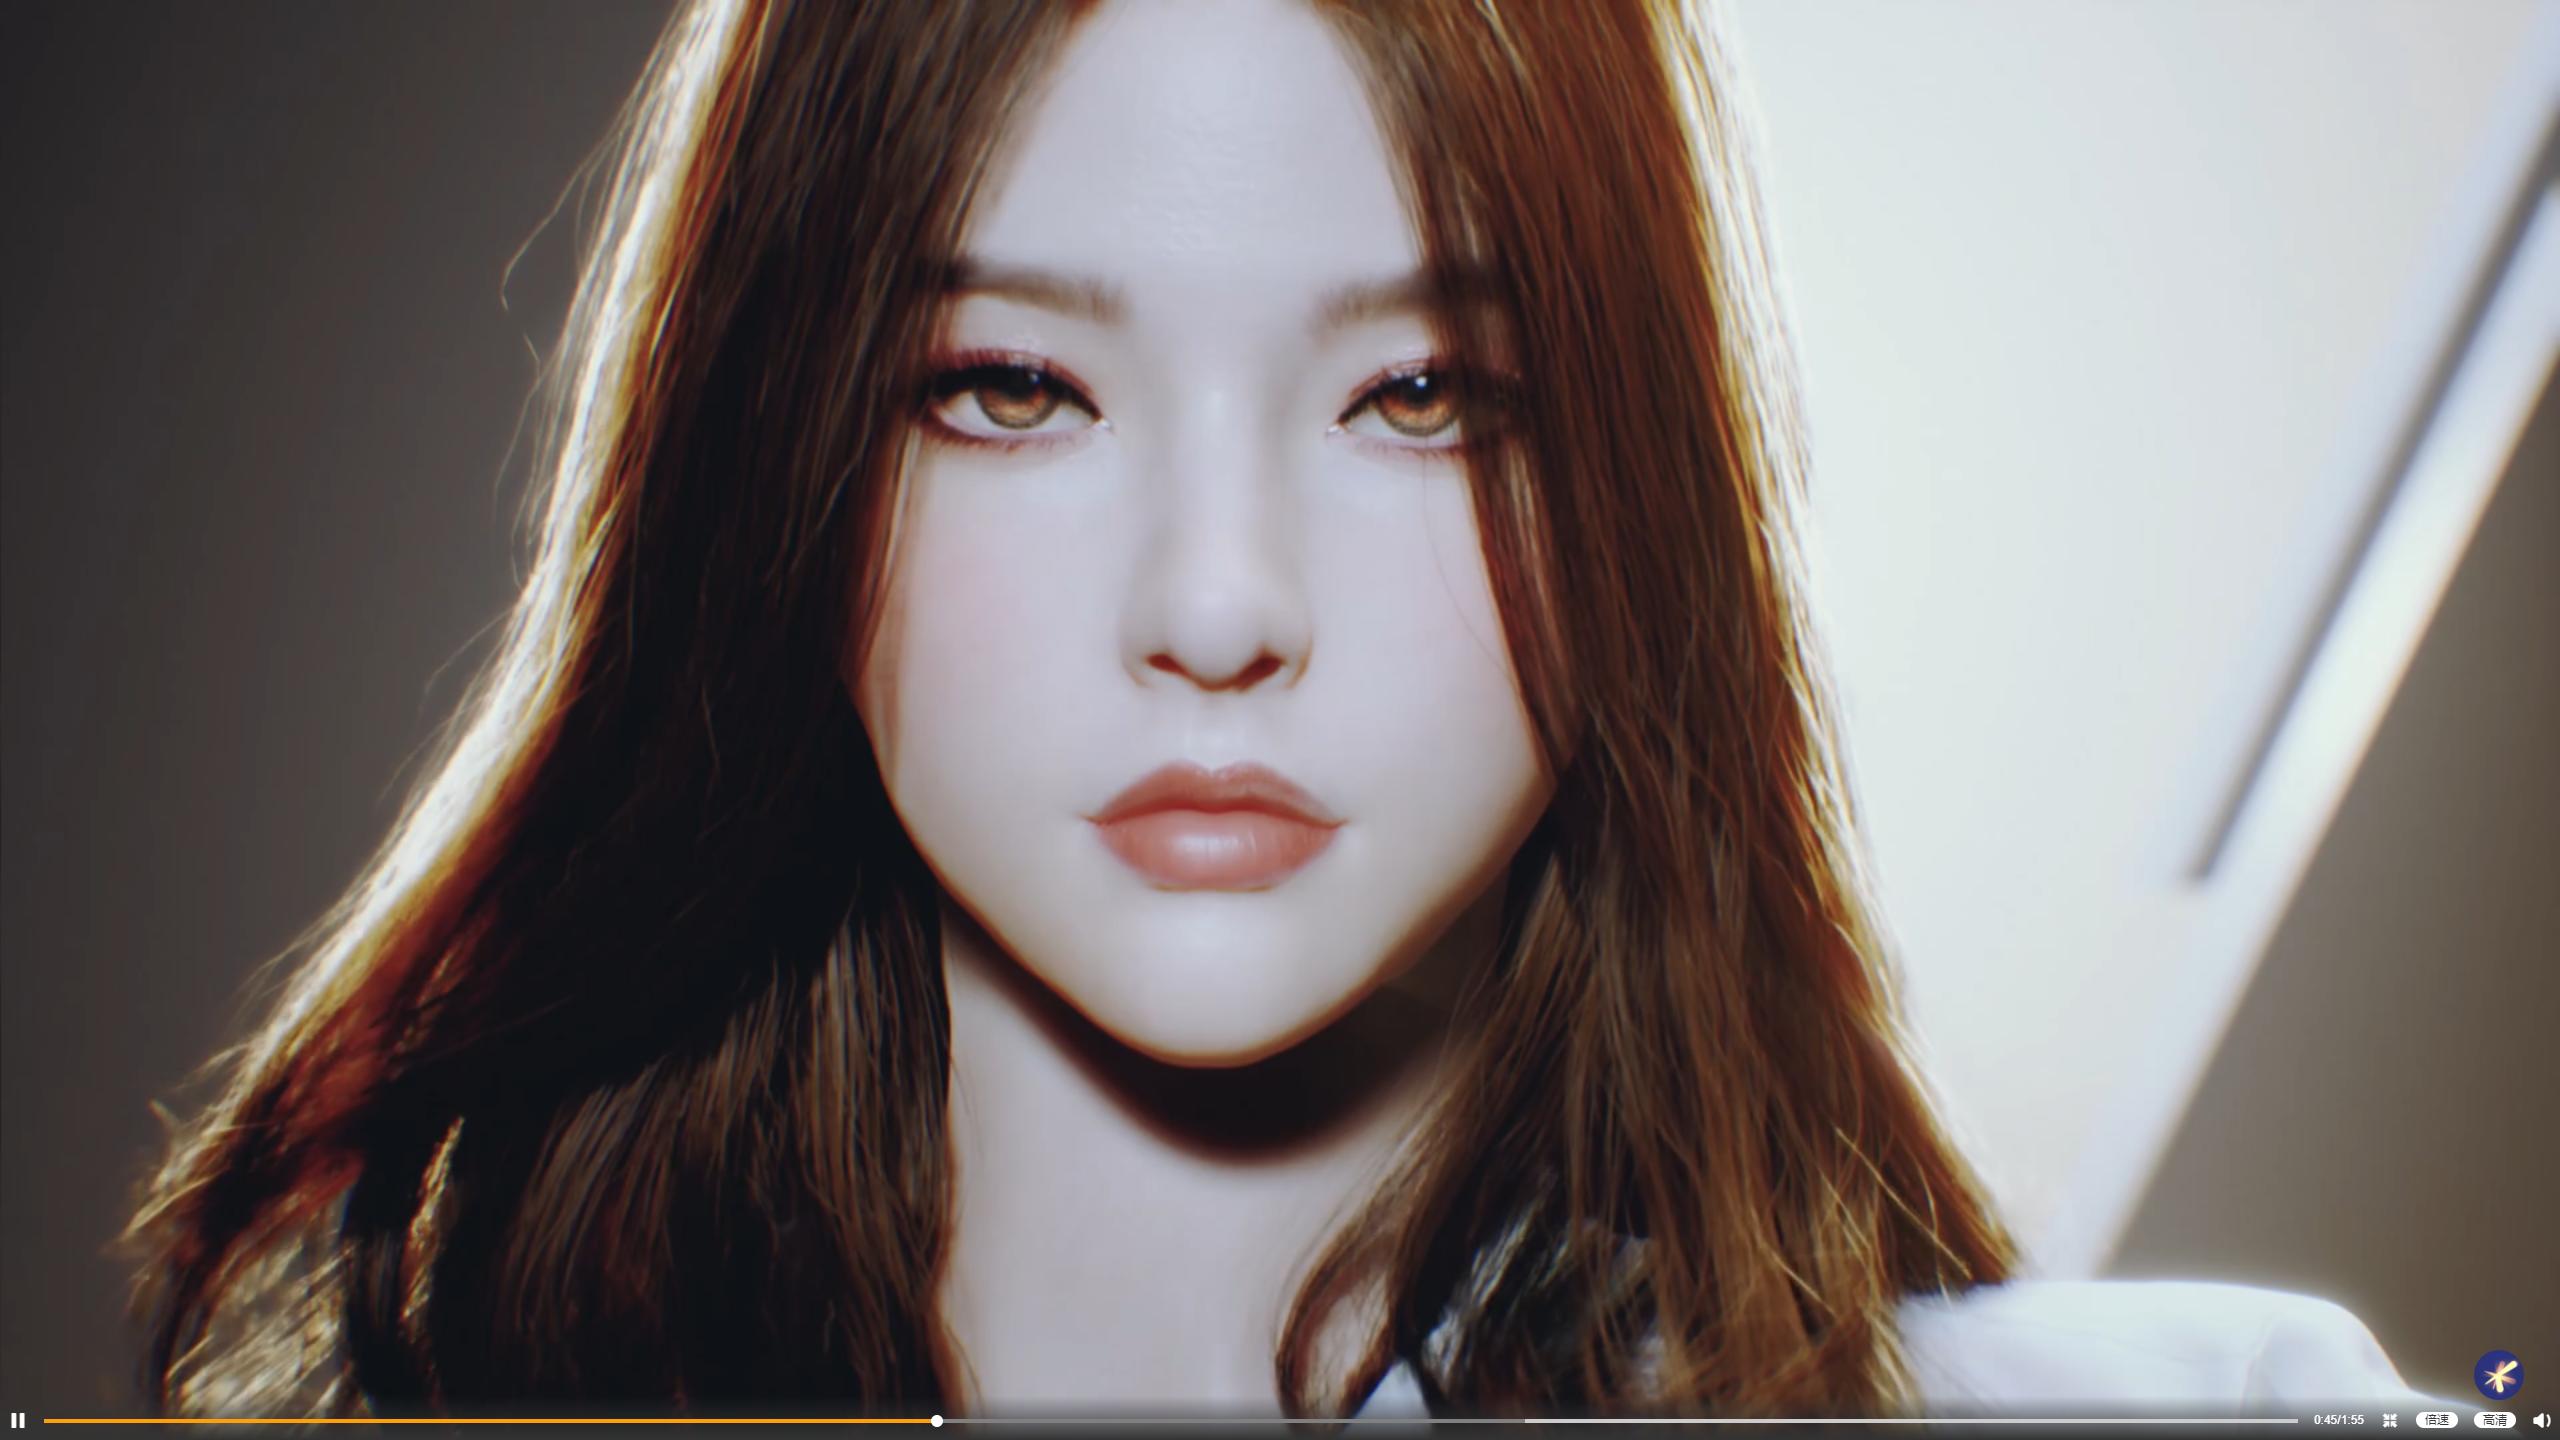 【やじうまPC Watch】髪の毛8万本の驚異。TencentがUnreal Engineでリアルタイム処理を実現